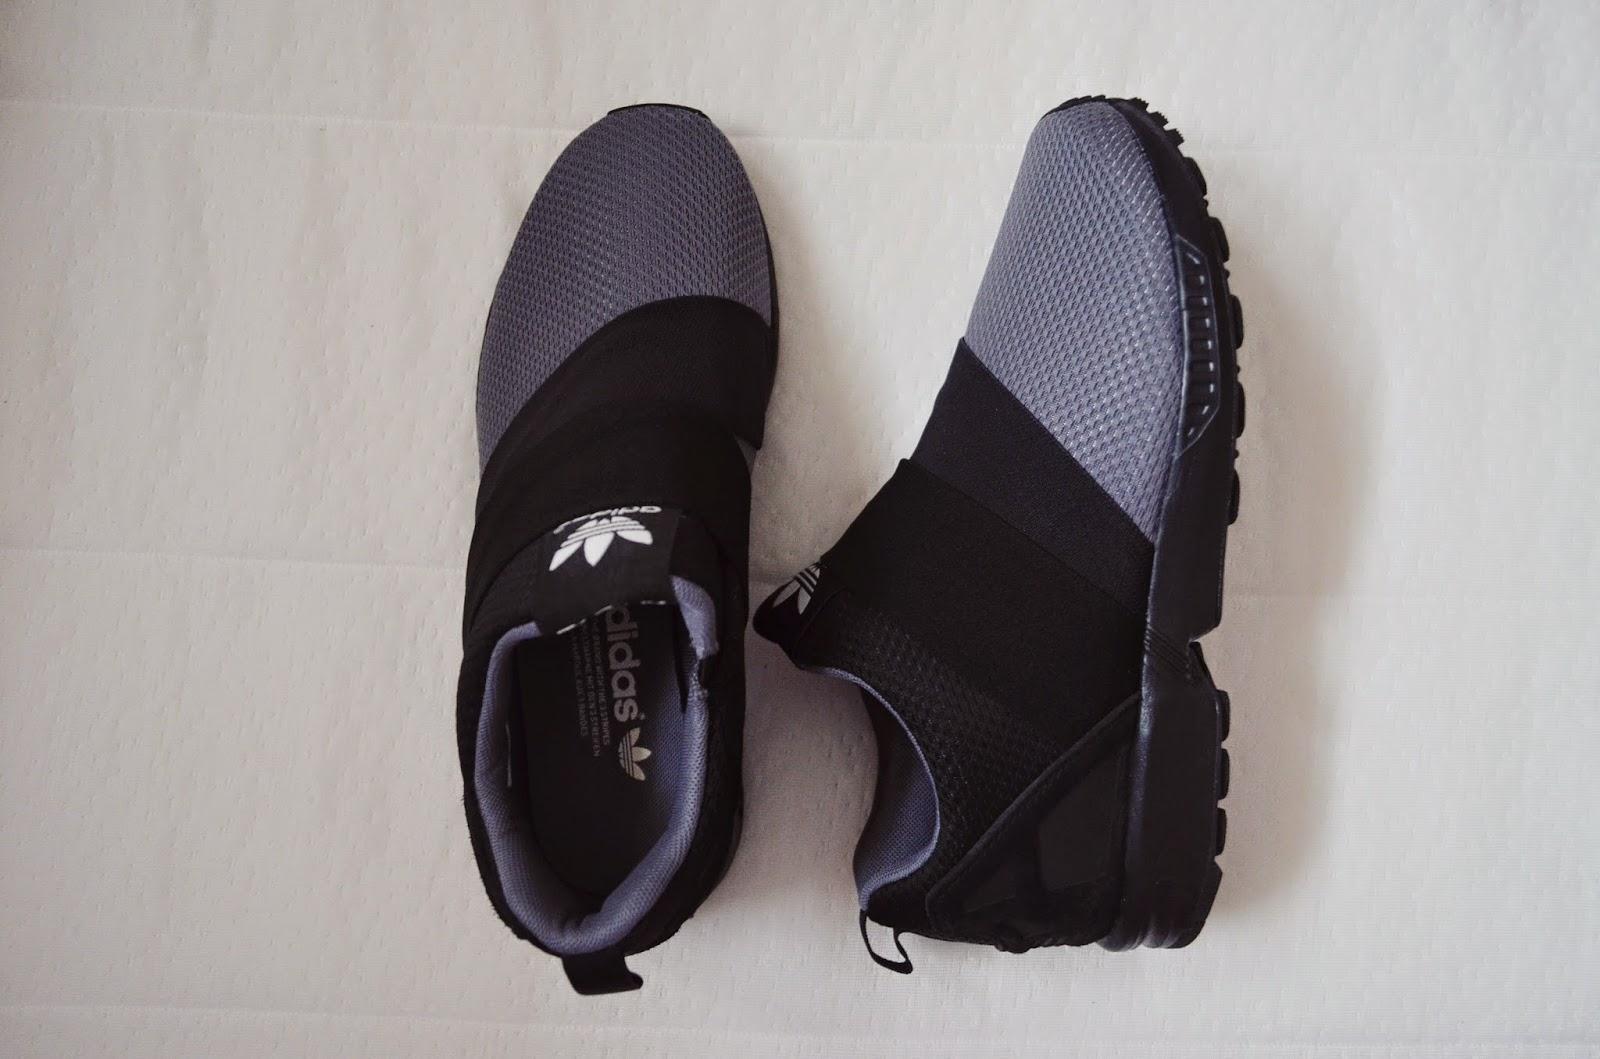 adidas ZX Flux Plus Olicar/ Olicar/ Ftw White Footshop